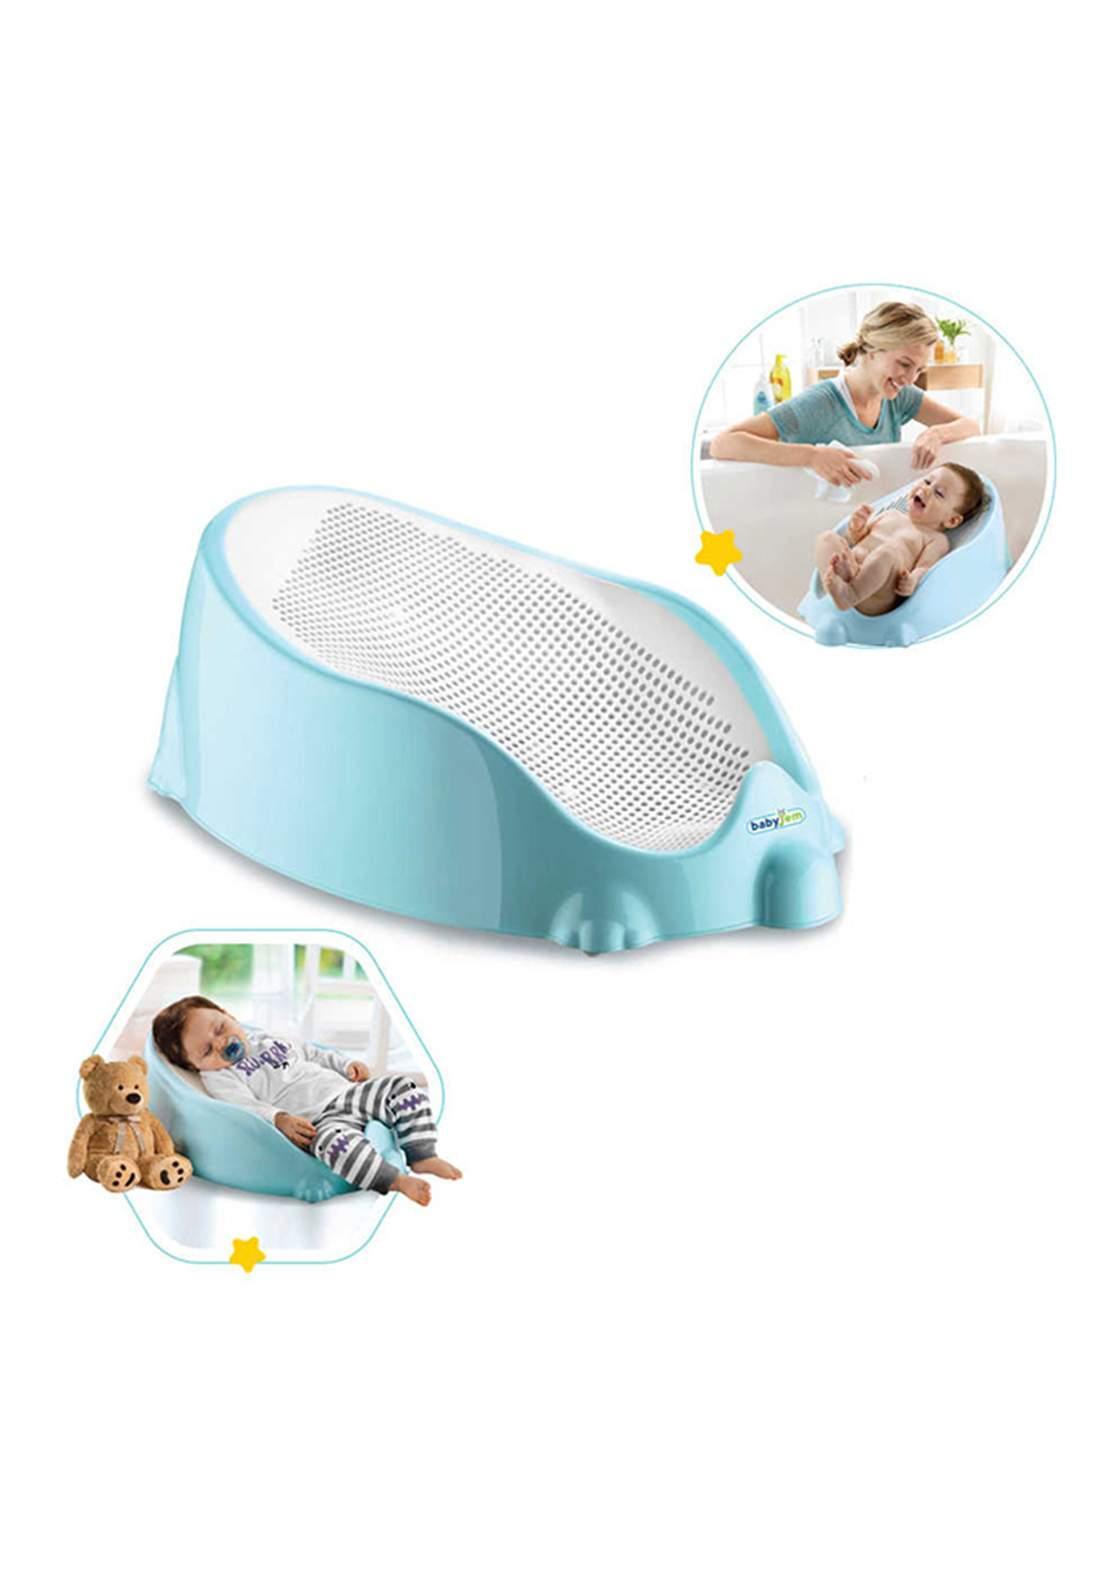 BabyJem Soft Baby Bath Support (ART-465) كرسي الاستحمام الاطفال